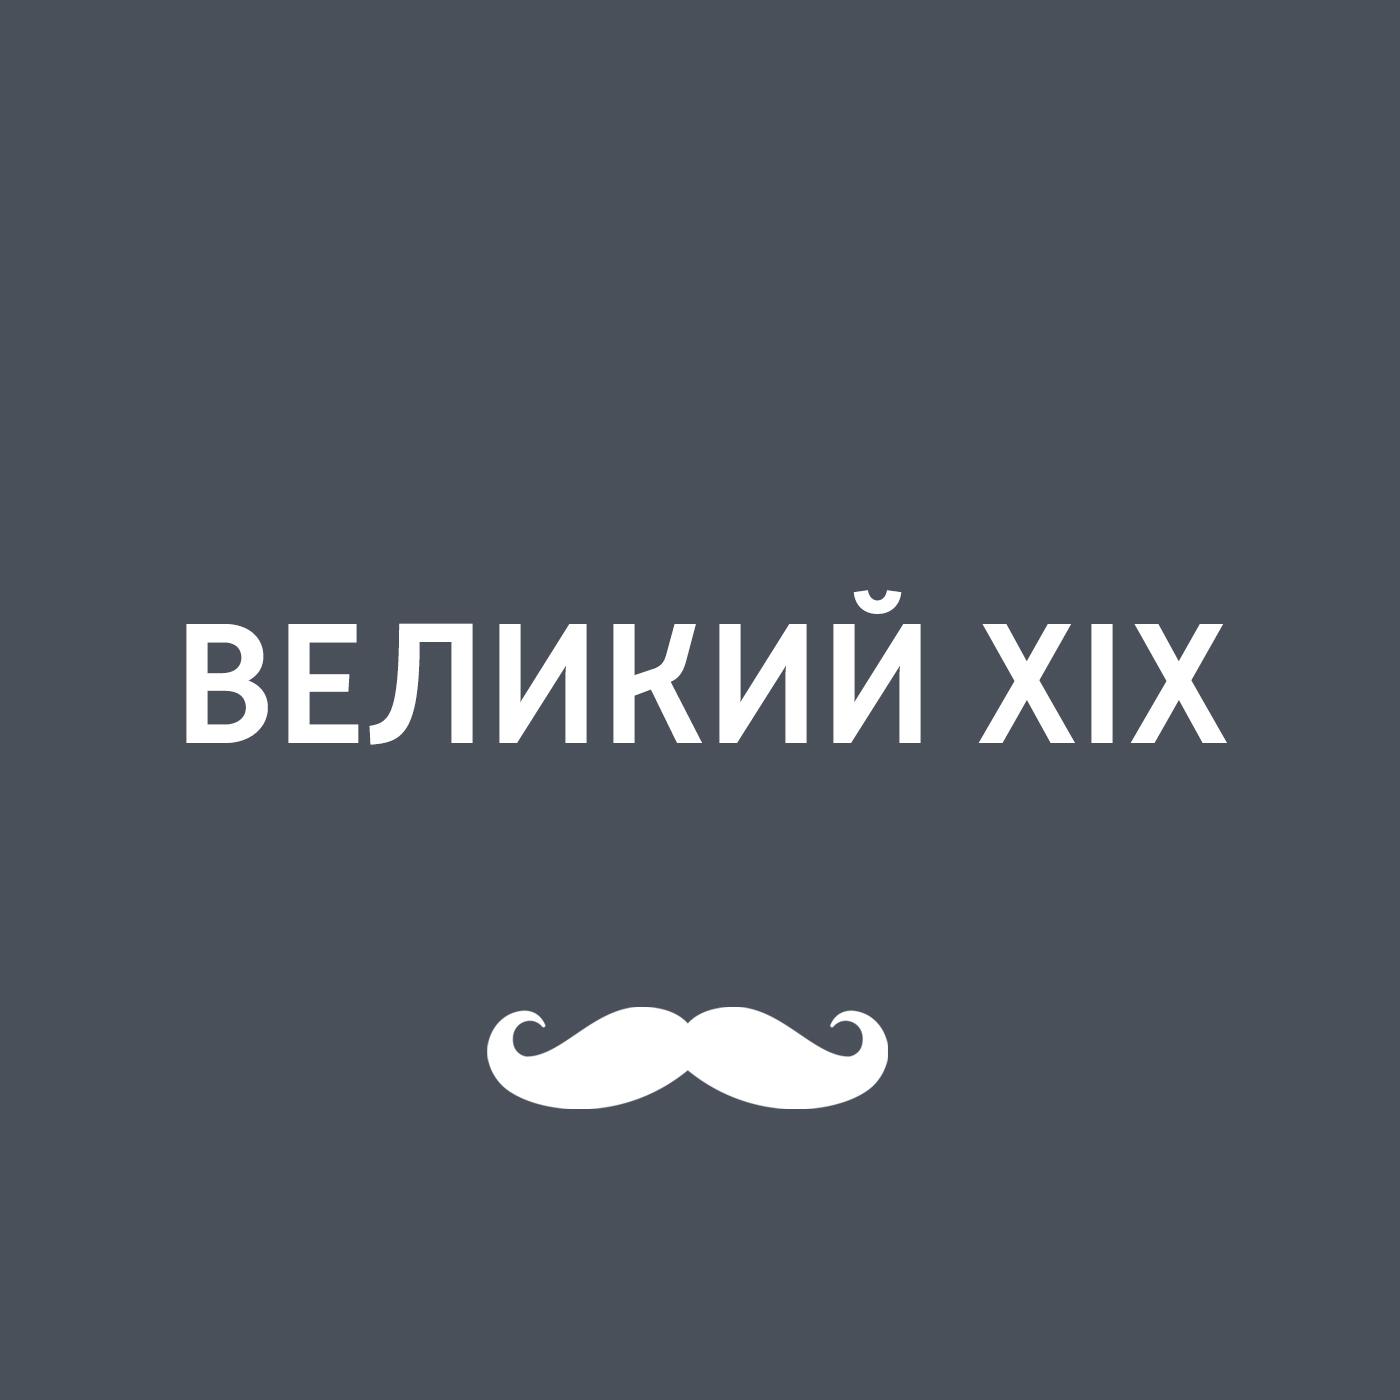 Николай Алексеев - городской голова Москвы в XIX веке